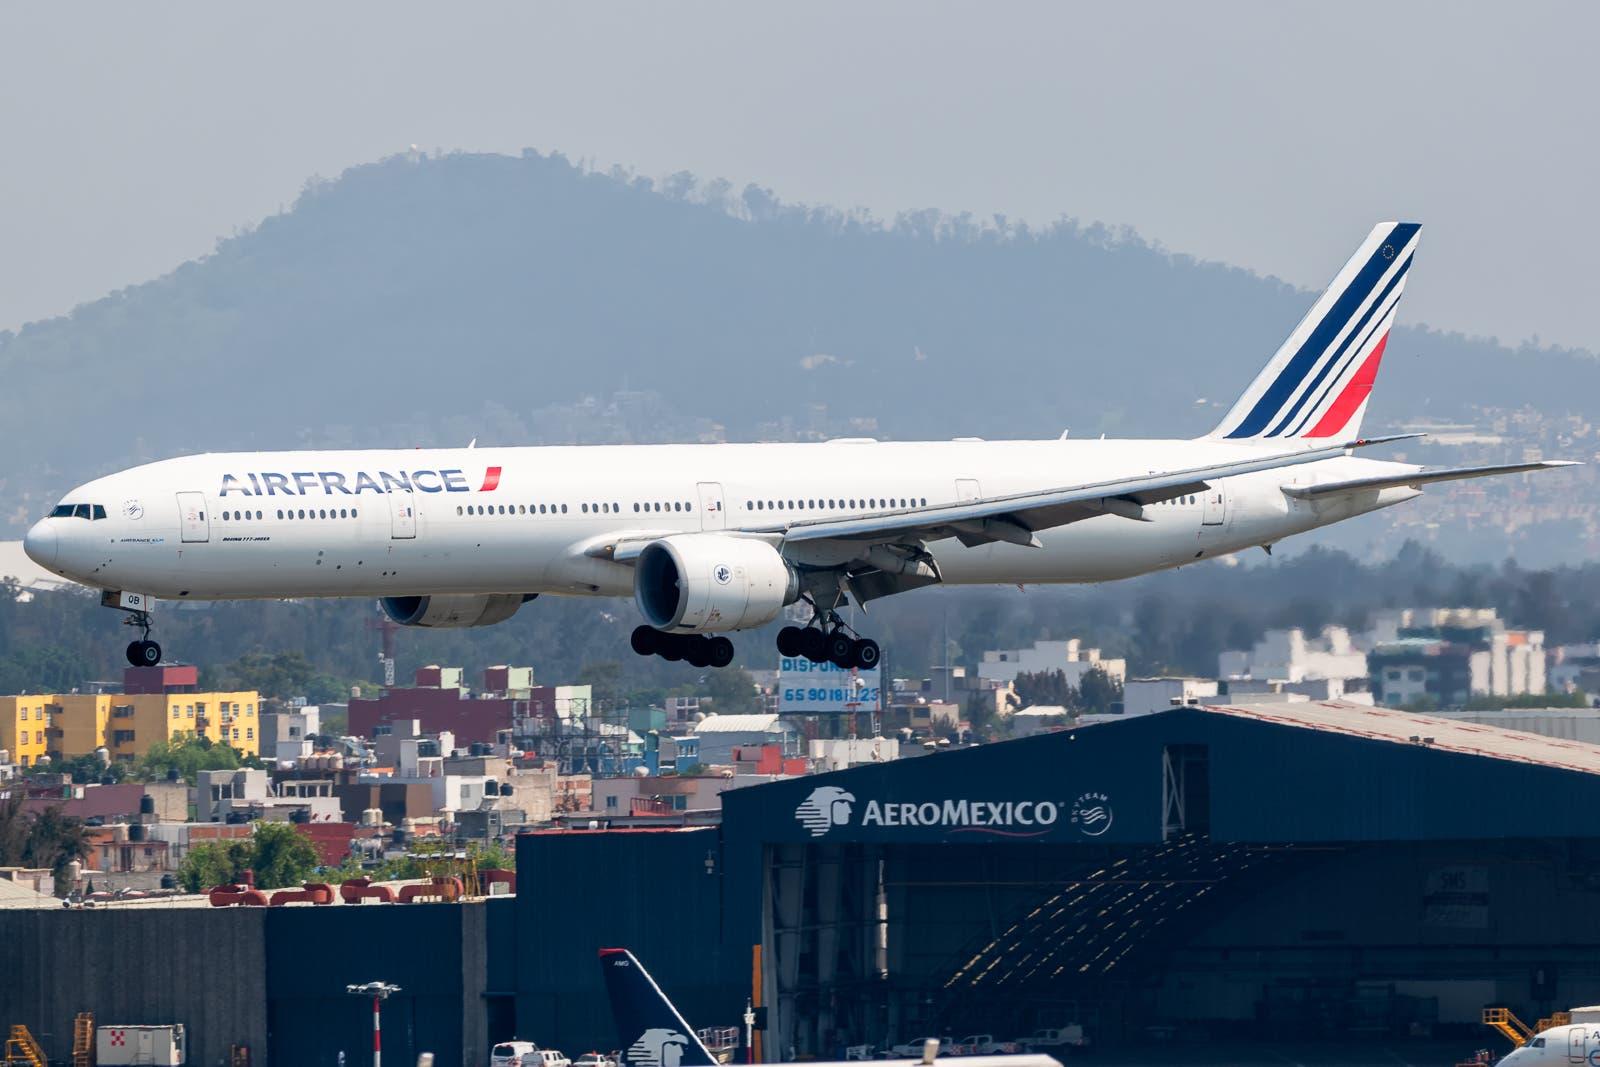 Air France B777